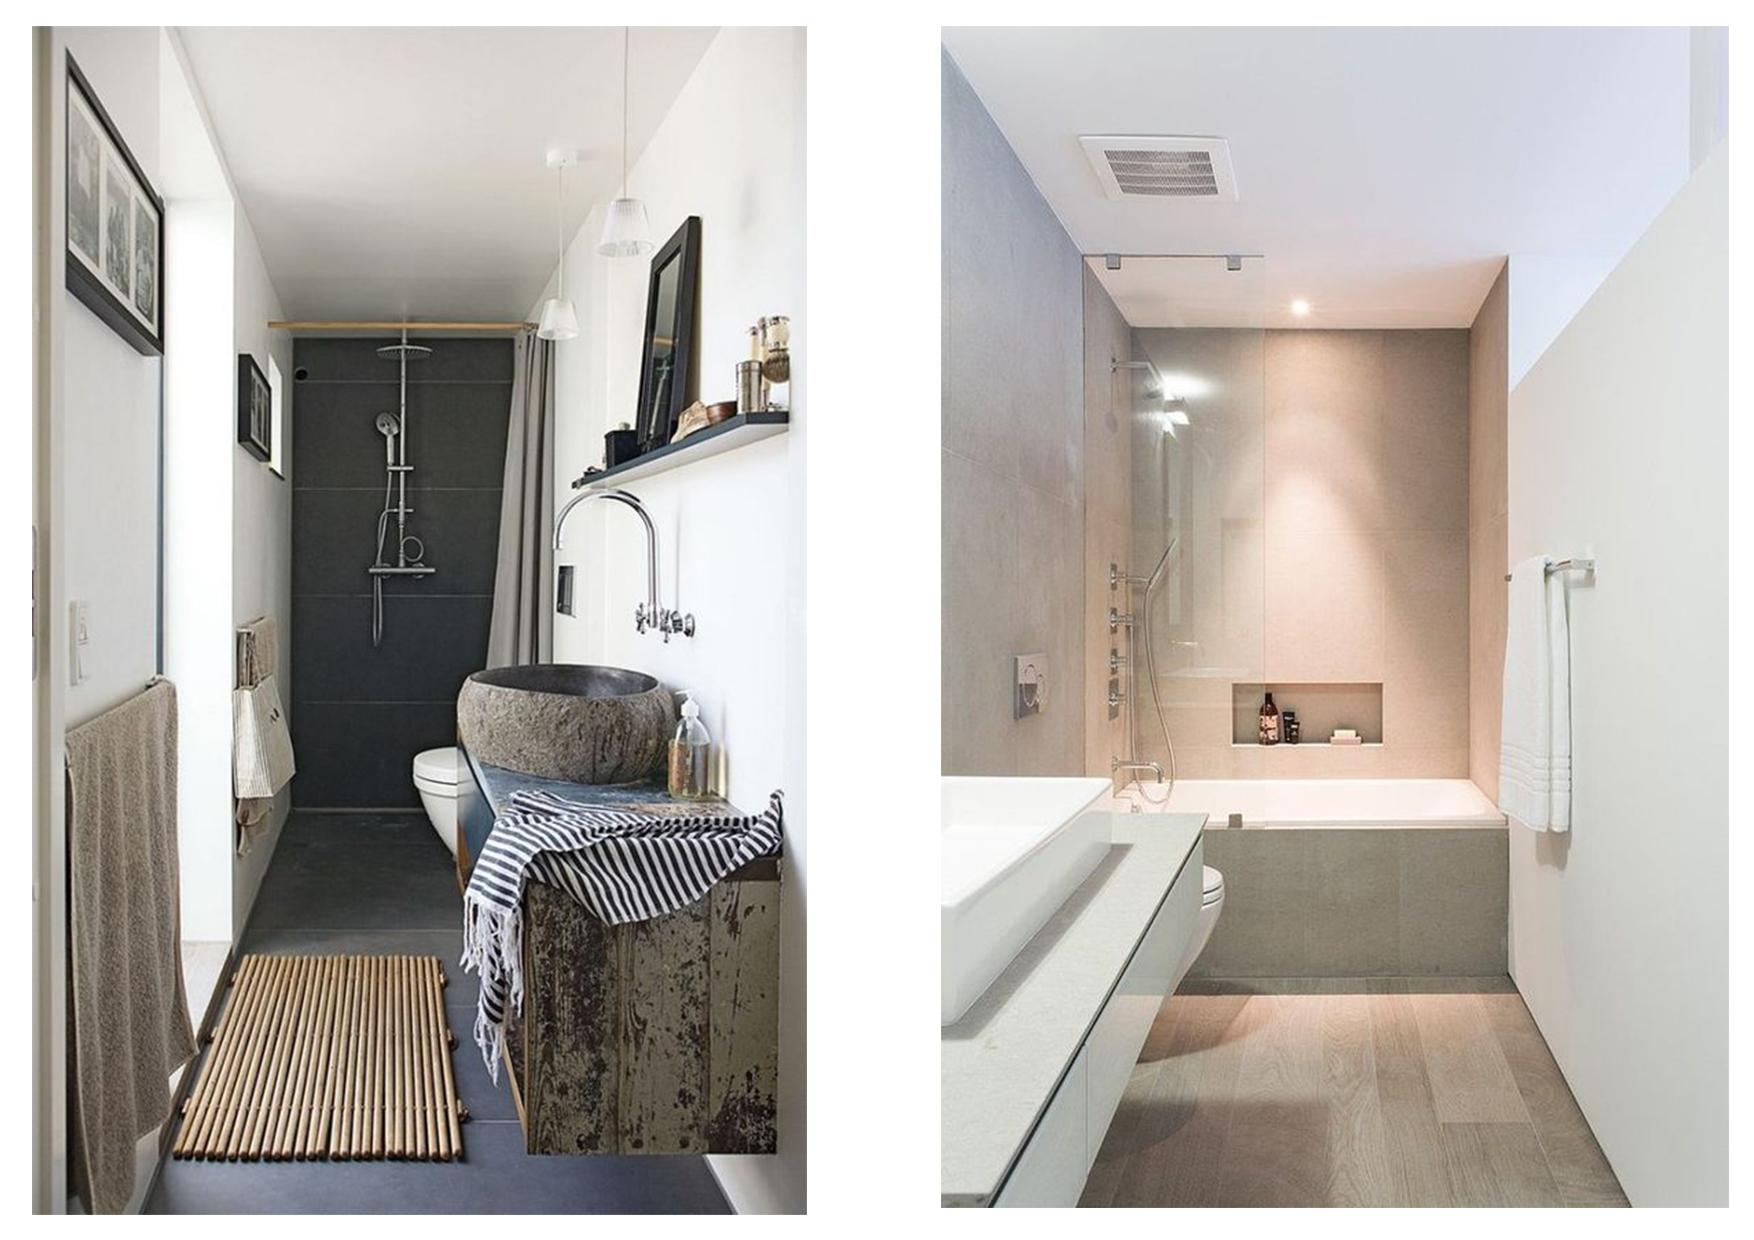 Illuminare bagno lungo e stretto: arredare il bagno lungo e stretto